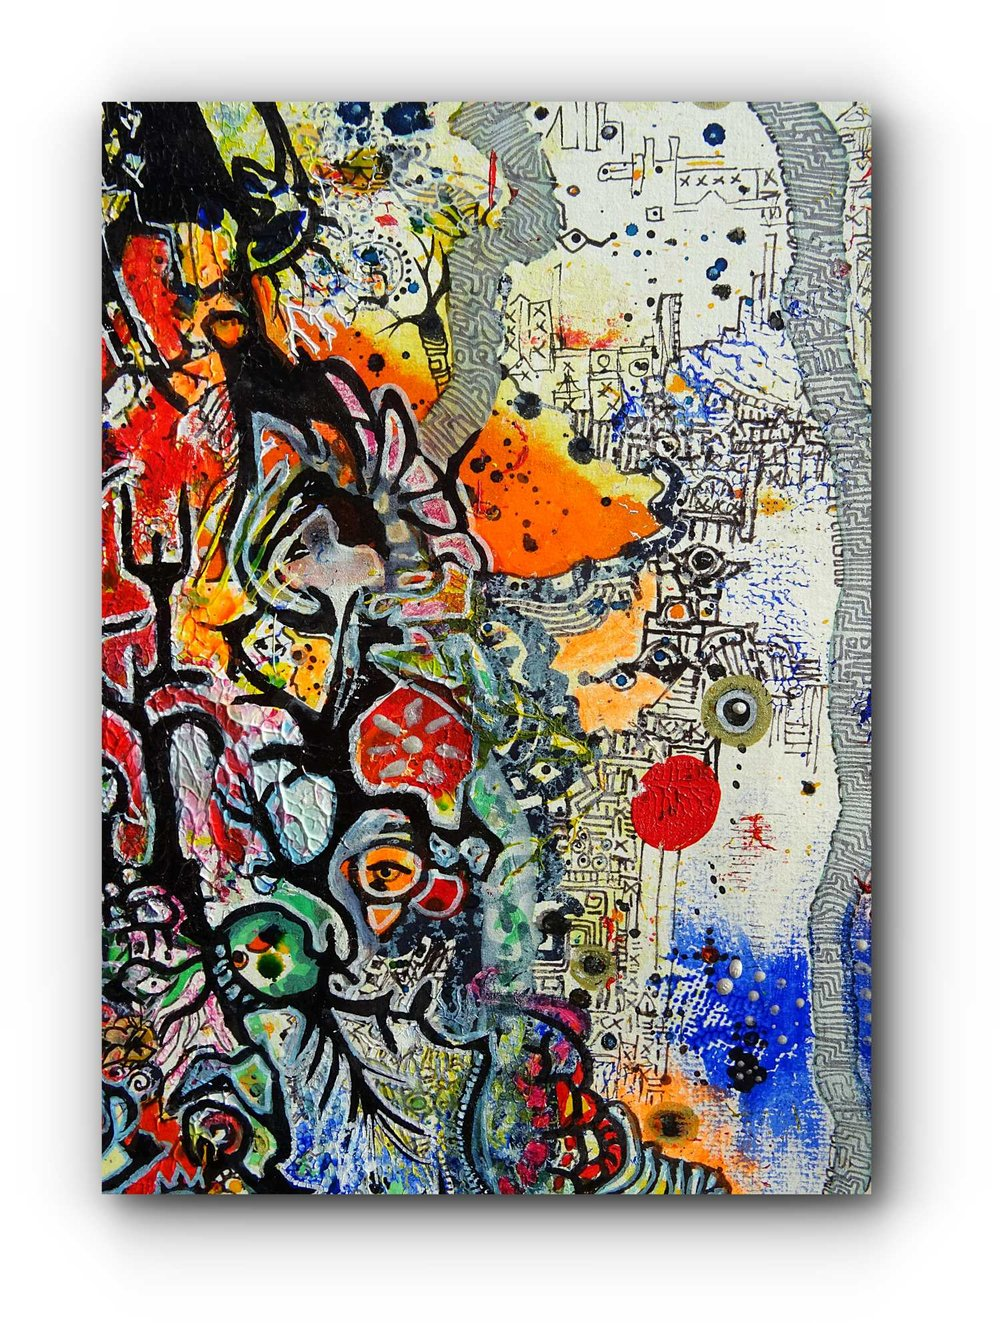 painting-detail-10-medeina-artist-duo-ingress-vortices.jpg